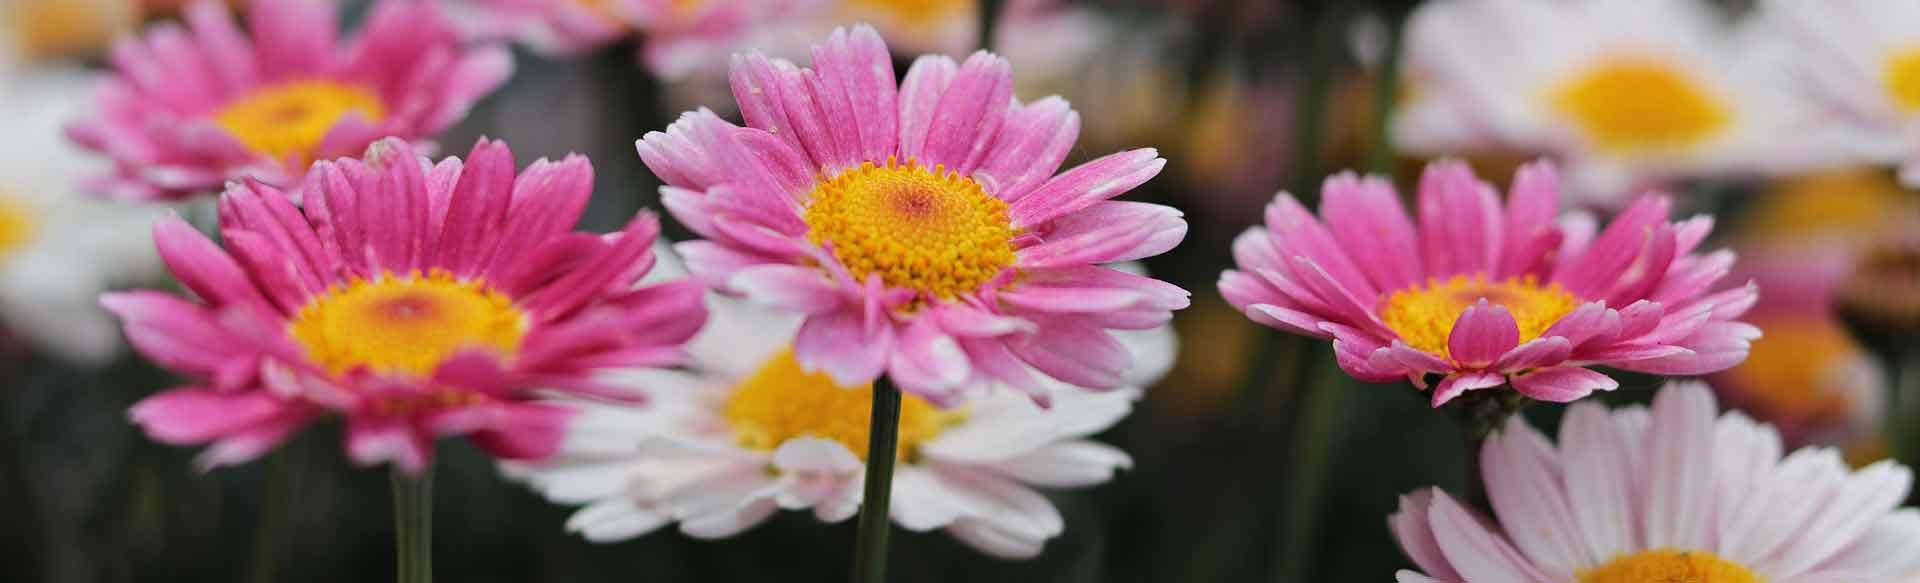 flowers-3357958_1920@1920w